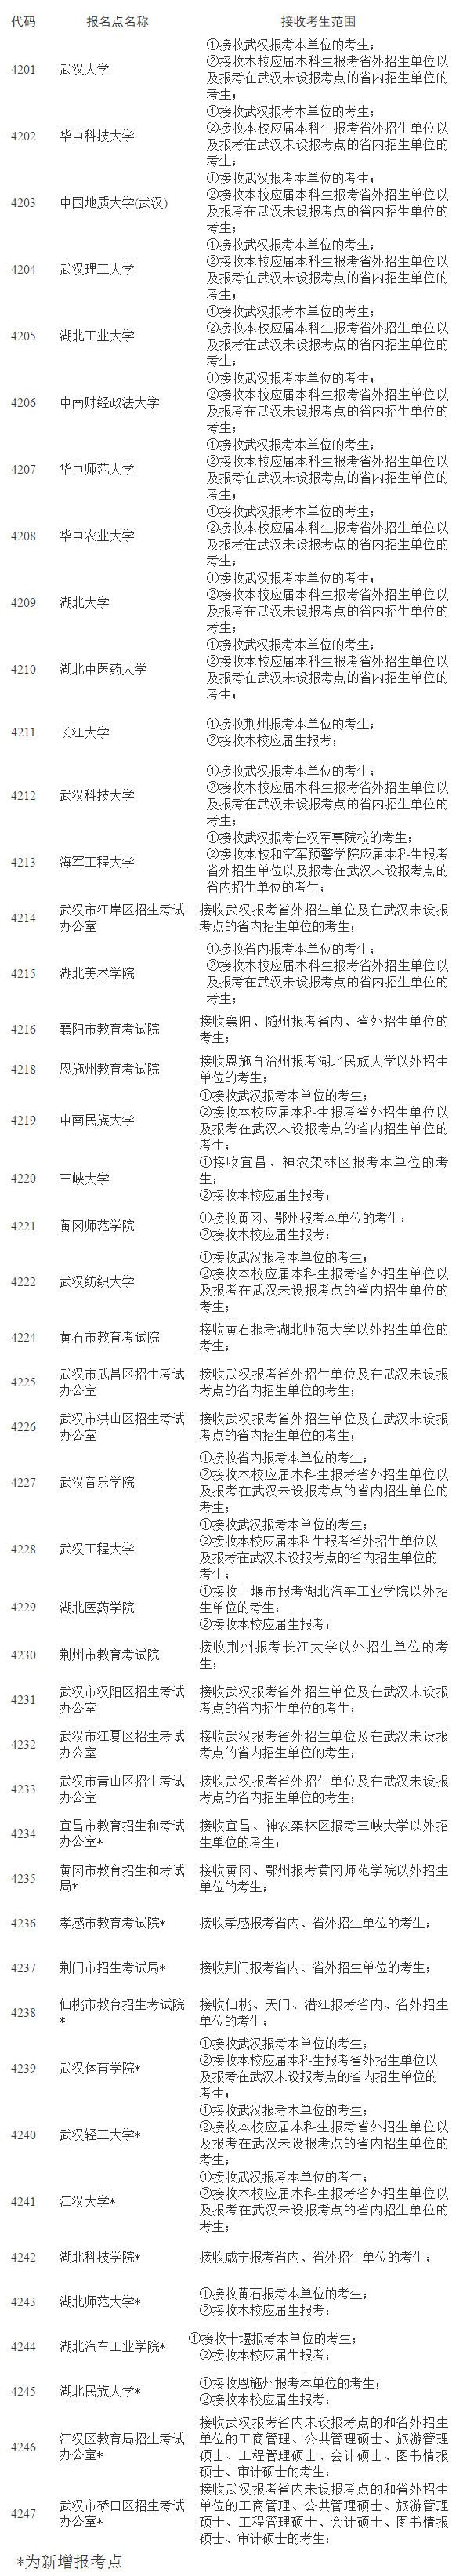 2020湖北省碩士研究生考試報考點設置一覽表